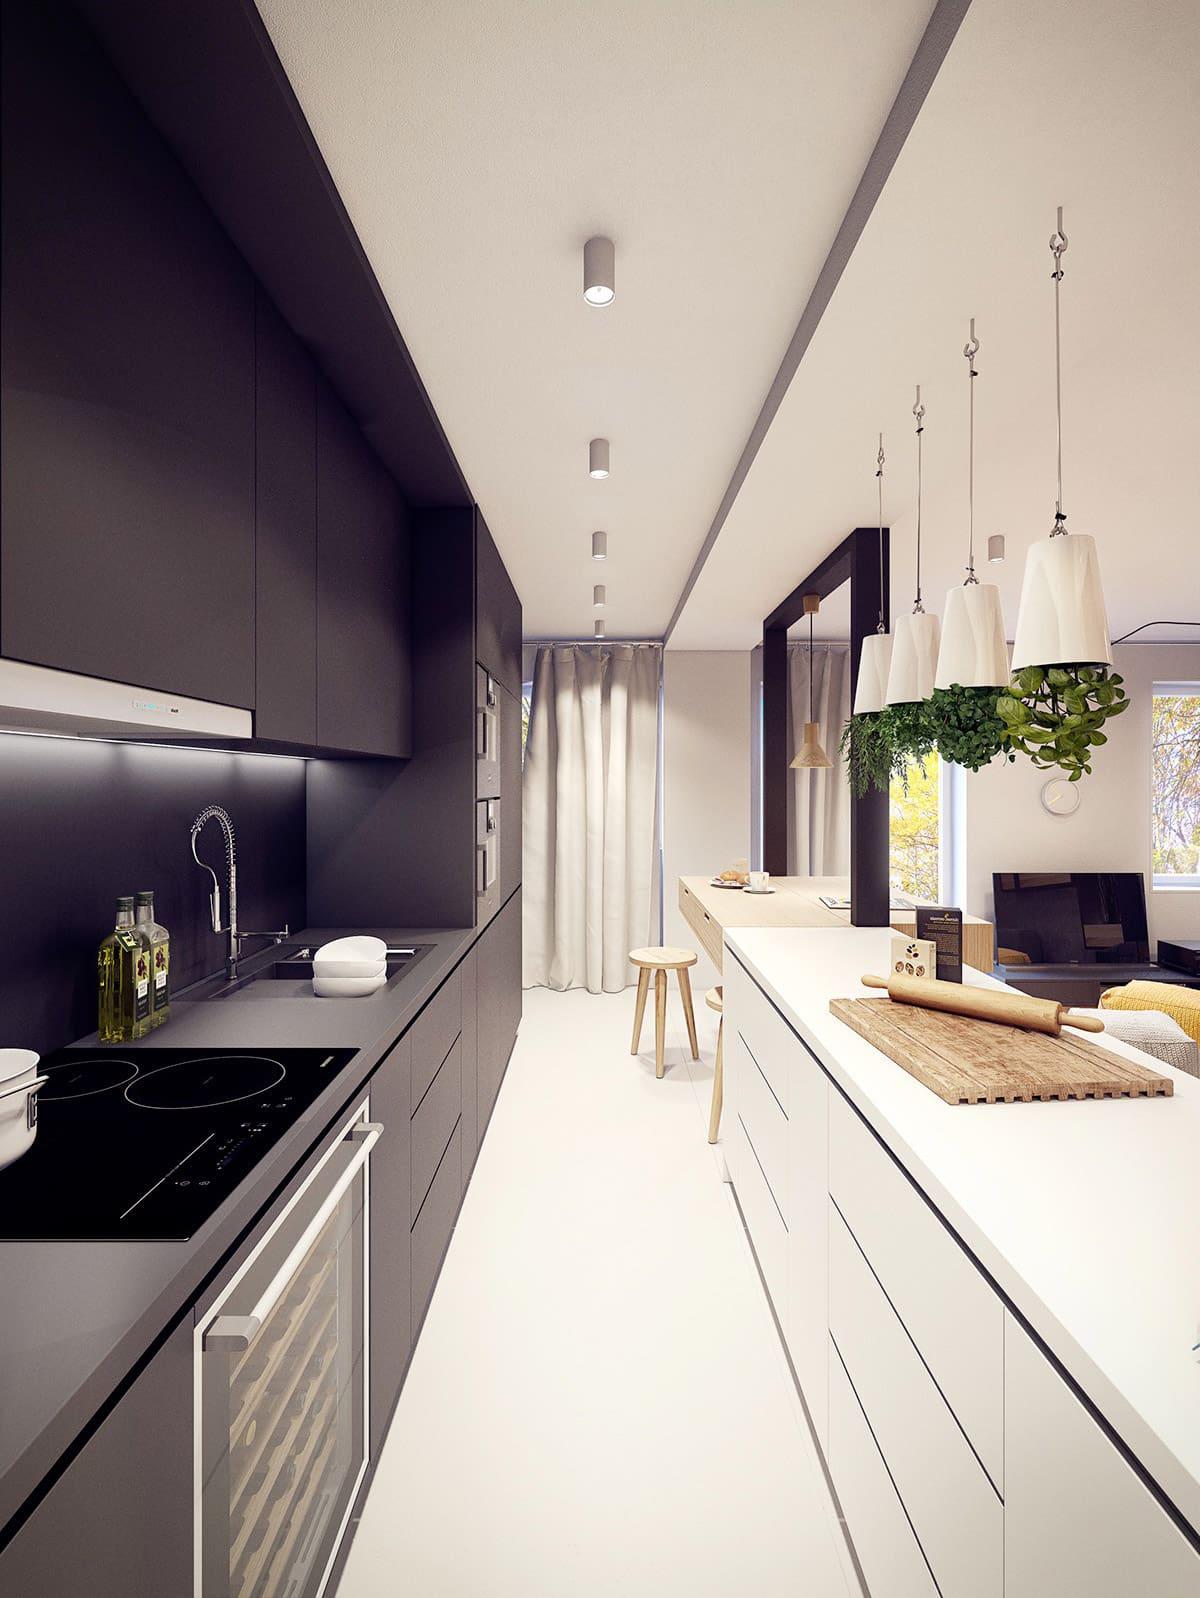 Для тех кто не любит однотонность в интерьере, отличным вариантом станет необычный дизайн узкой кухни, разделенный на две зоны с помощью черного и белого цвета